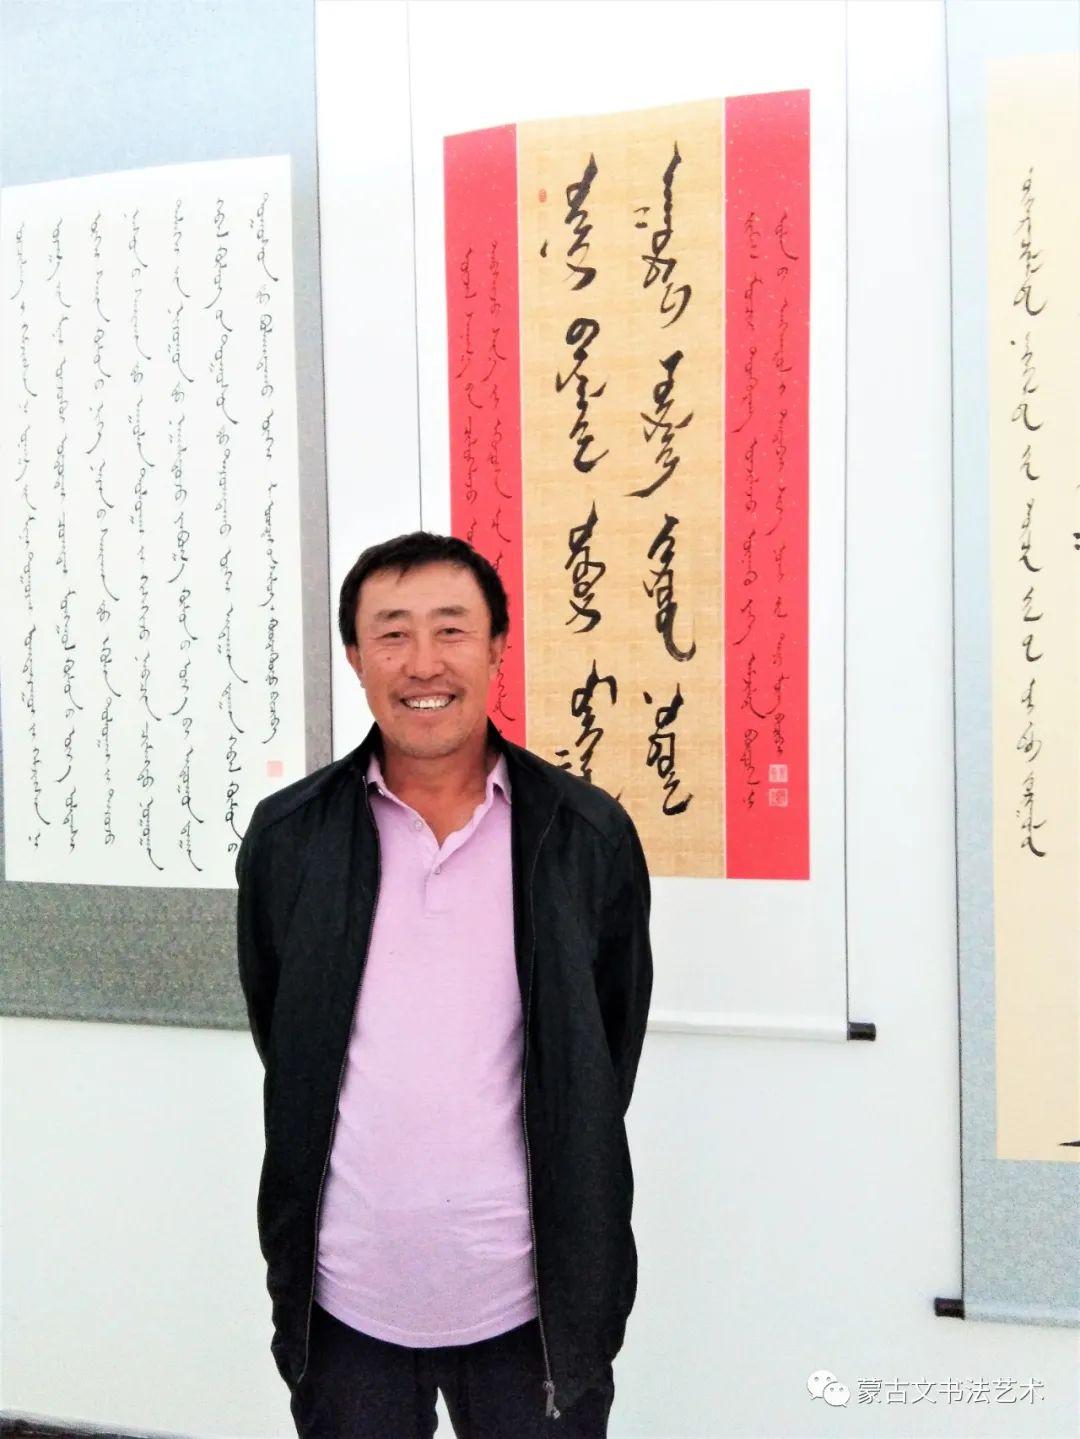 铁龙蒙古文书法 第1张 铁龙蒙古文书法 蒙古书法